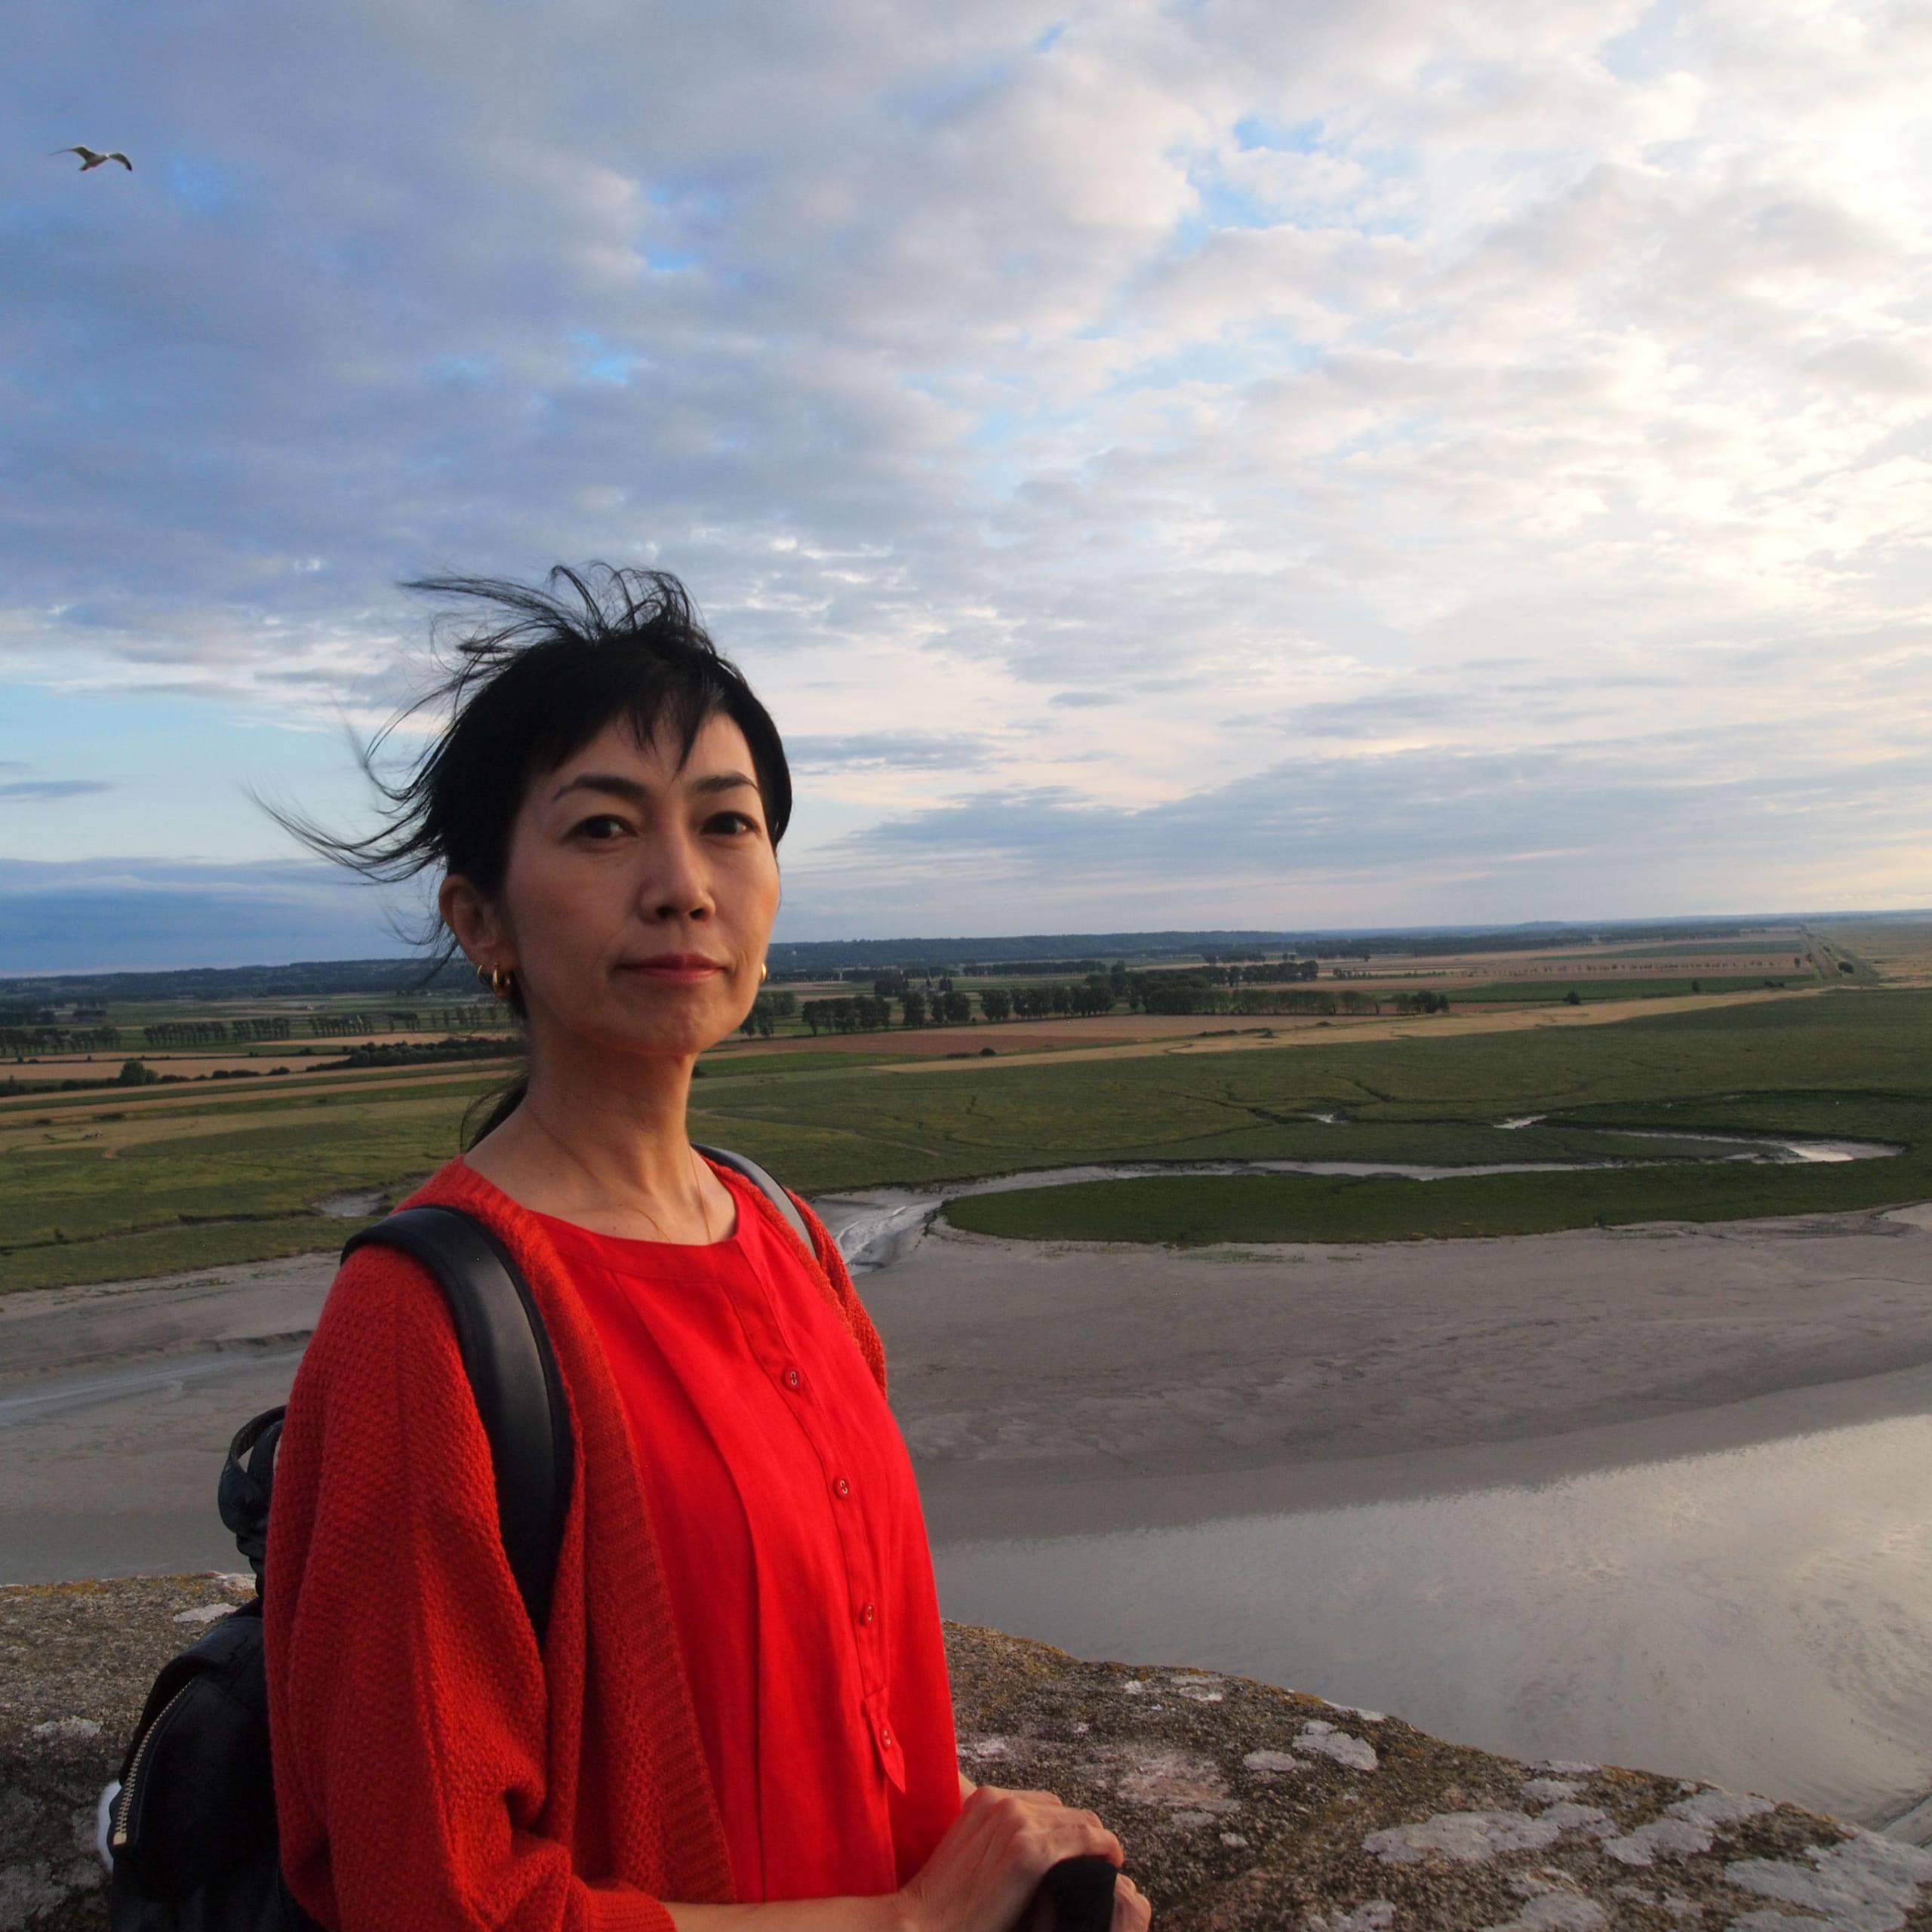 ミステリーハンター竹内海南江が語る、30年間走り続けてきたエネルギーの根底にあるもの